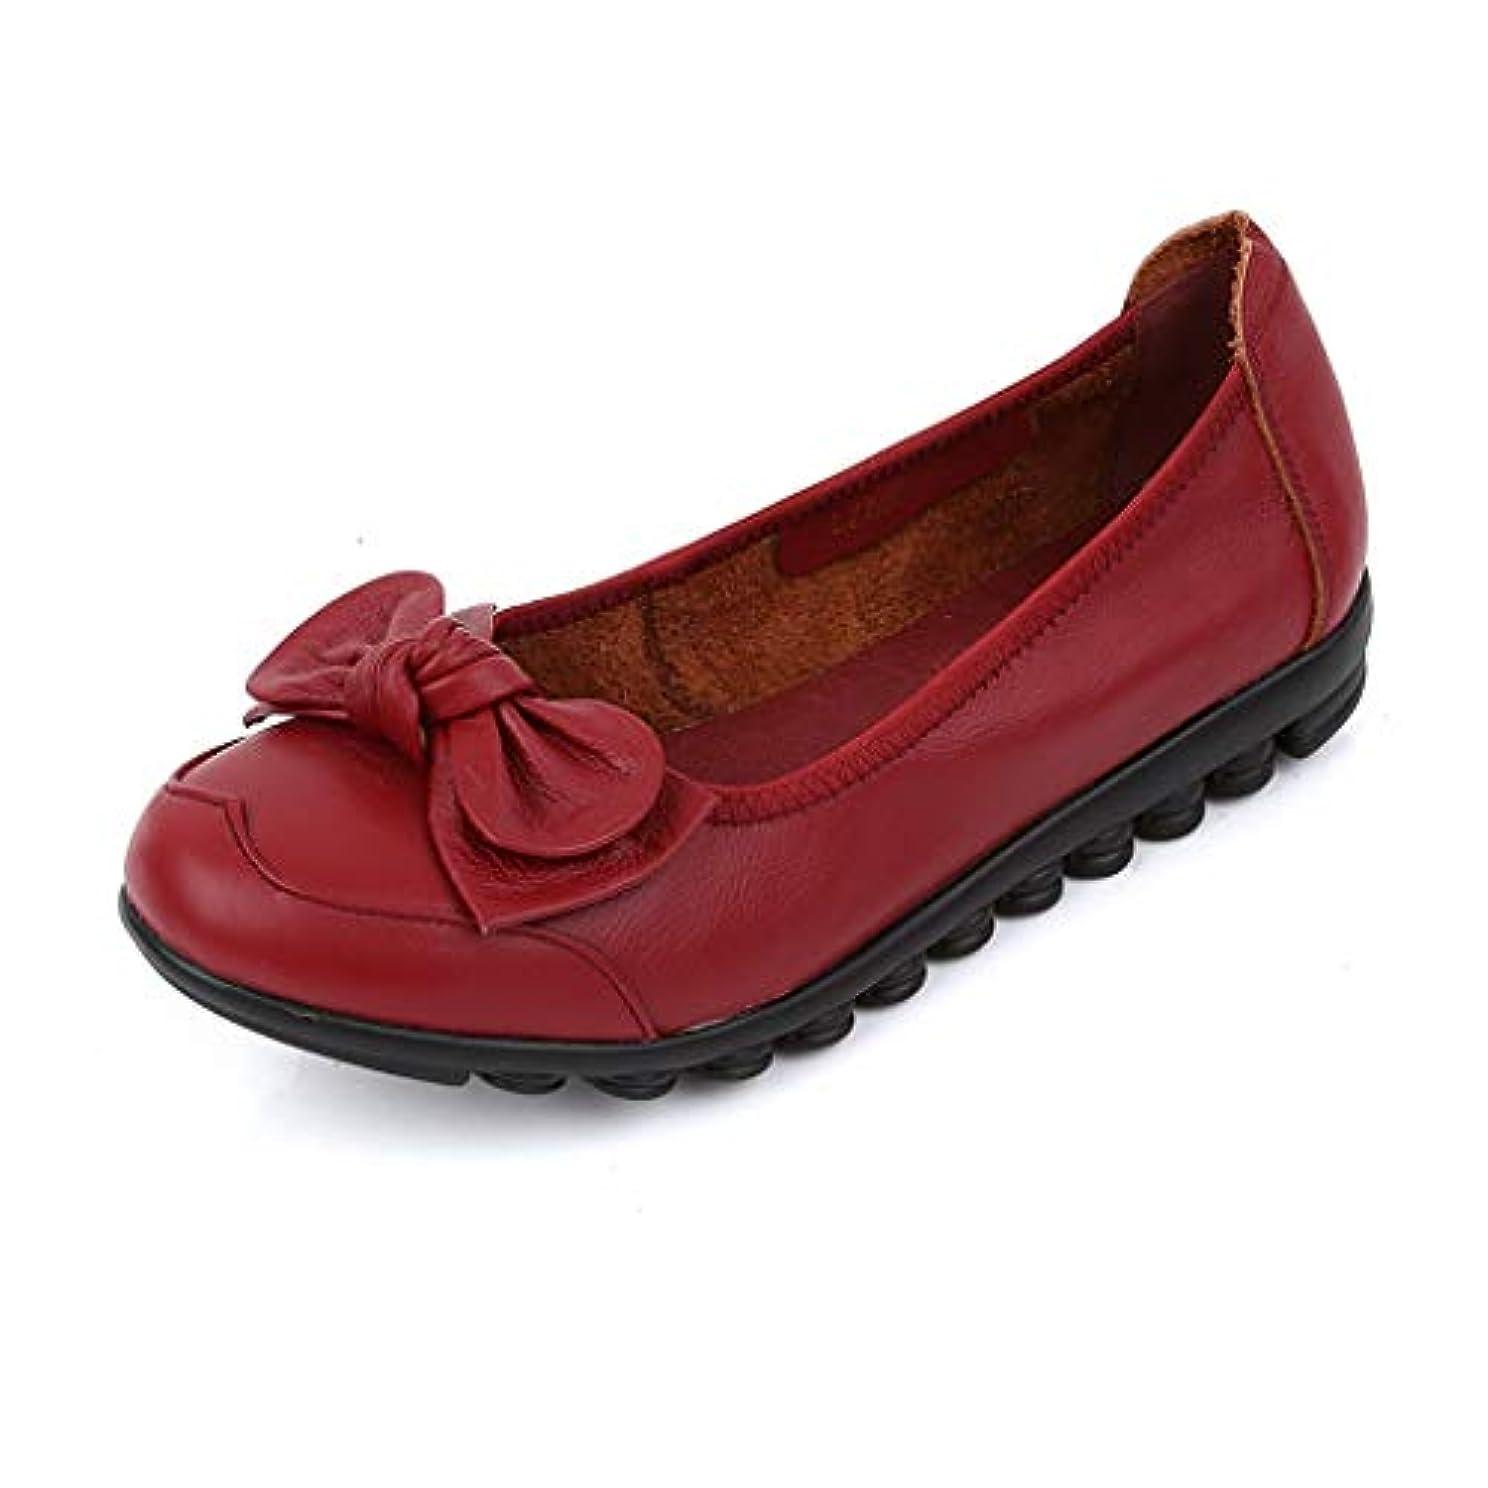 ファブリックお母さん害[実りの秋] シニアシューズ レディース 26.5CMまで お年寄りシューズ リボン 疲れにくい 滑り止め 婦人靴 モカシン 介護用 軽量 安定感 通気性 高齢者 母の日 敬老の日 通年